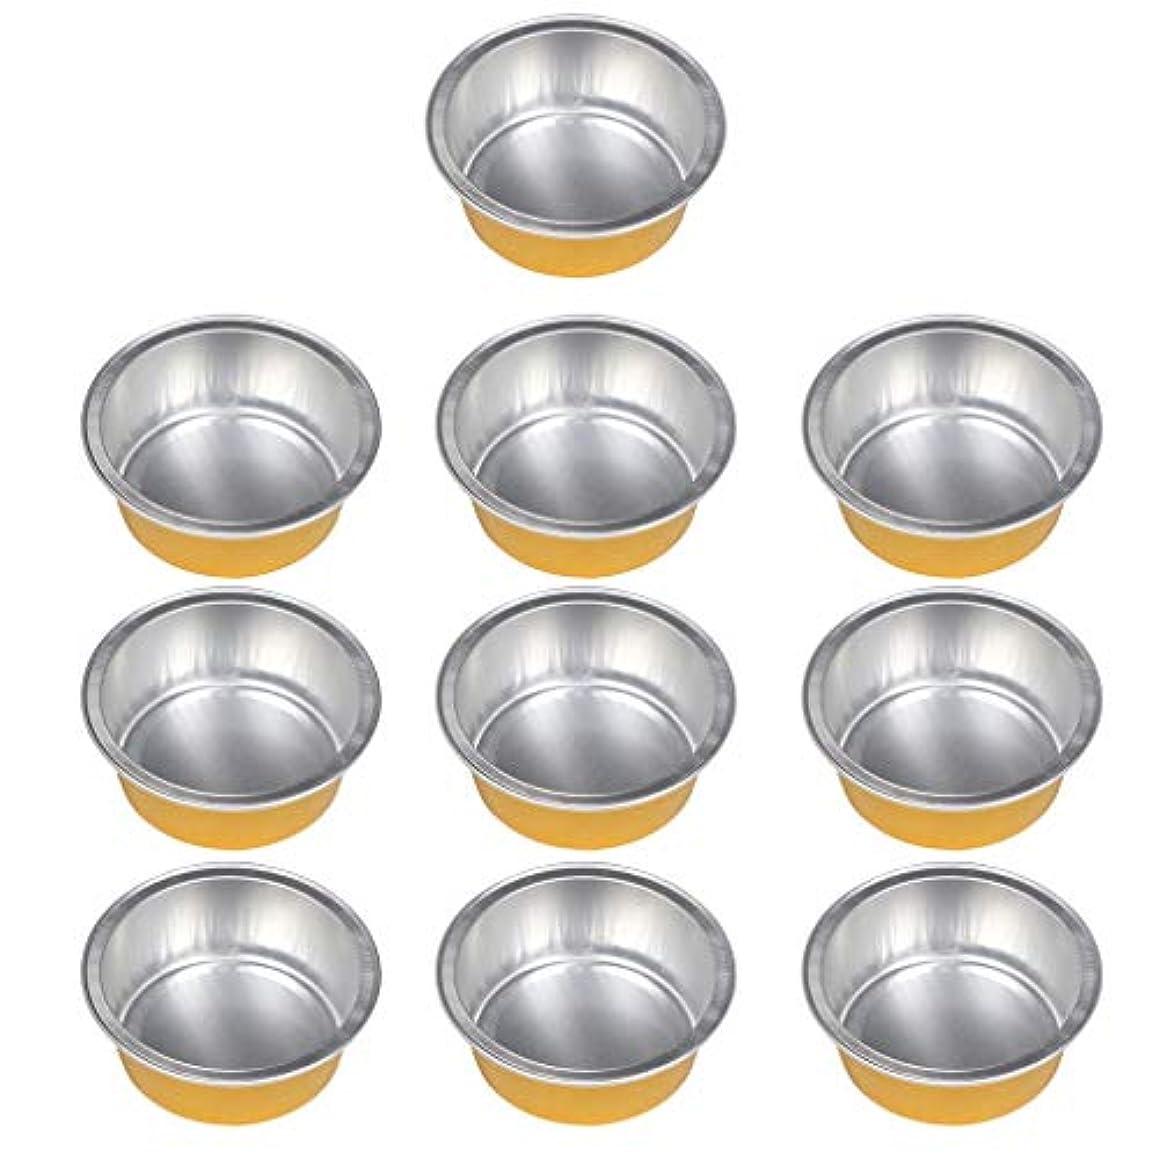 好奇心リンク近傍10個 アルミホイルボウル ワックスボウル ミニボウル ワックス豆体 融解ケース 衛生 2種選ぶ - ゴールデン1, 01